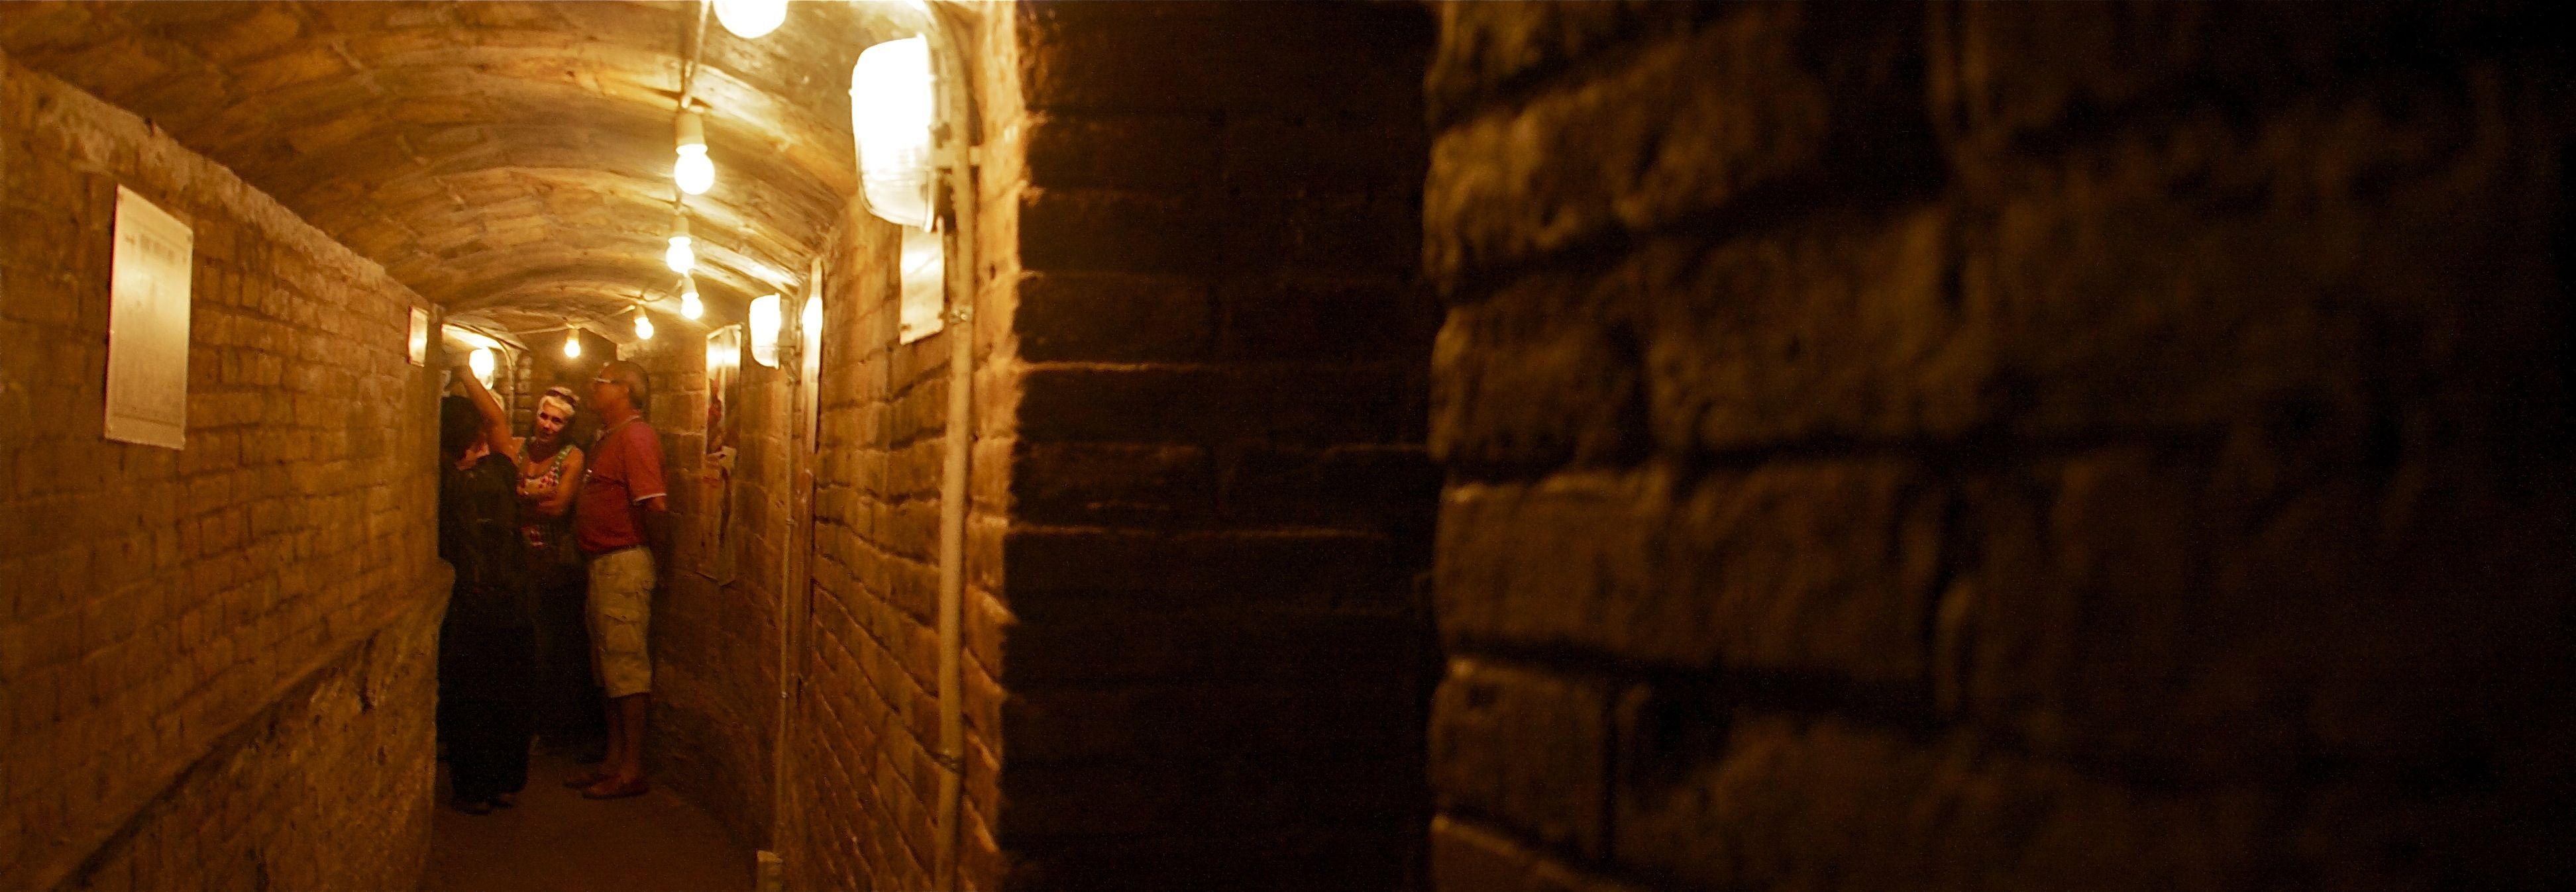 Foto-refugi-antiaeri-web